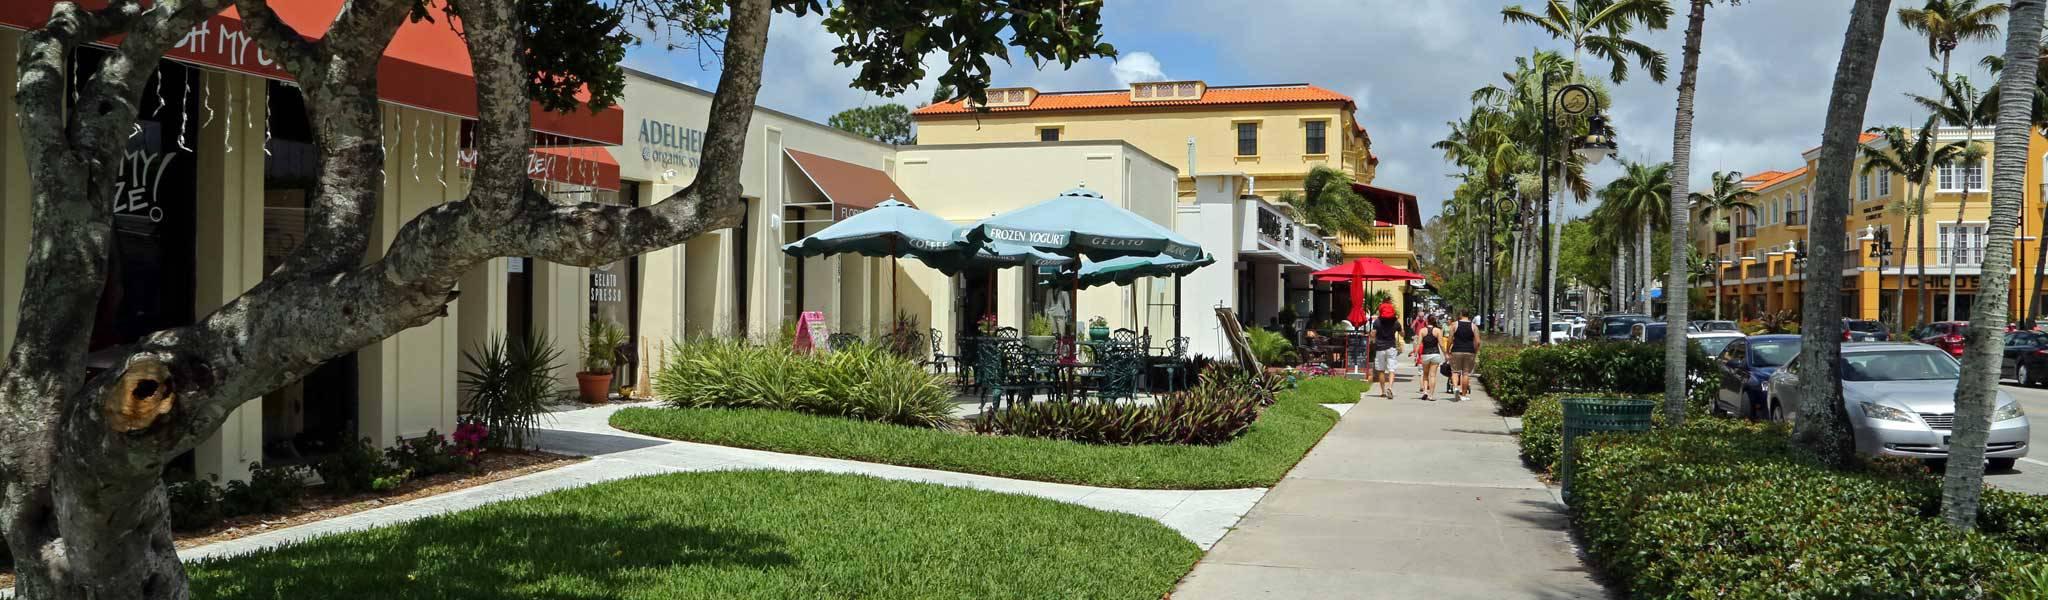 naples fl apartments for rent aspen square management